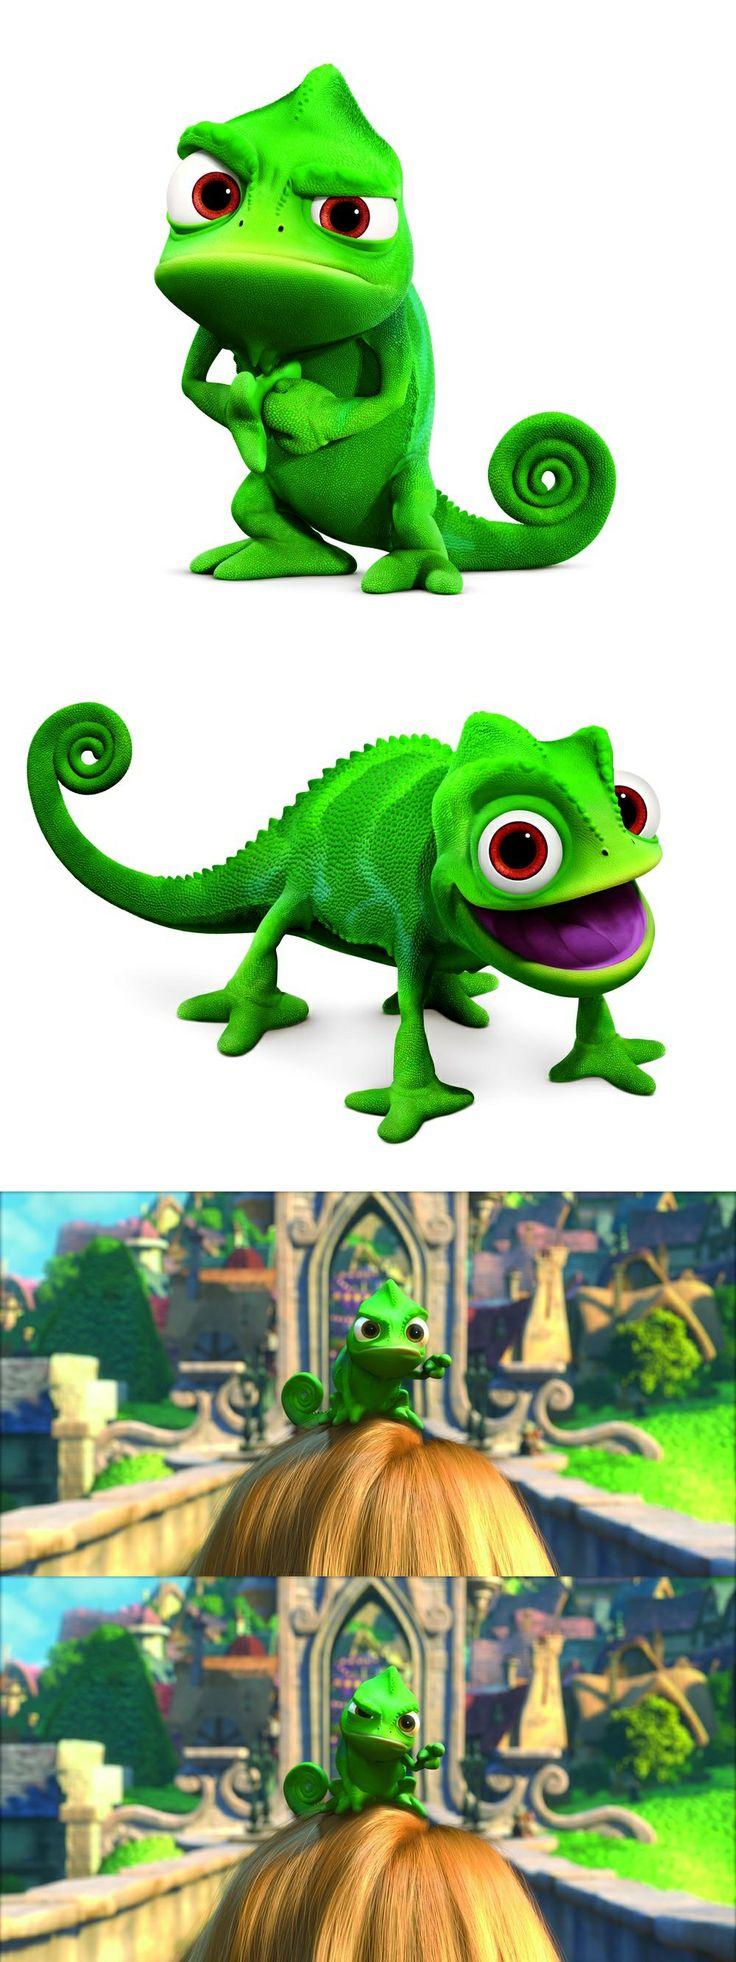 Pascal - Tangled